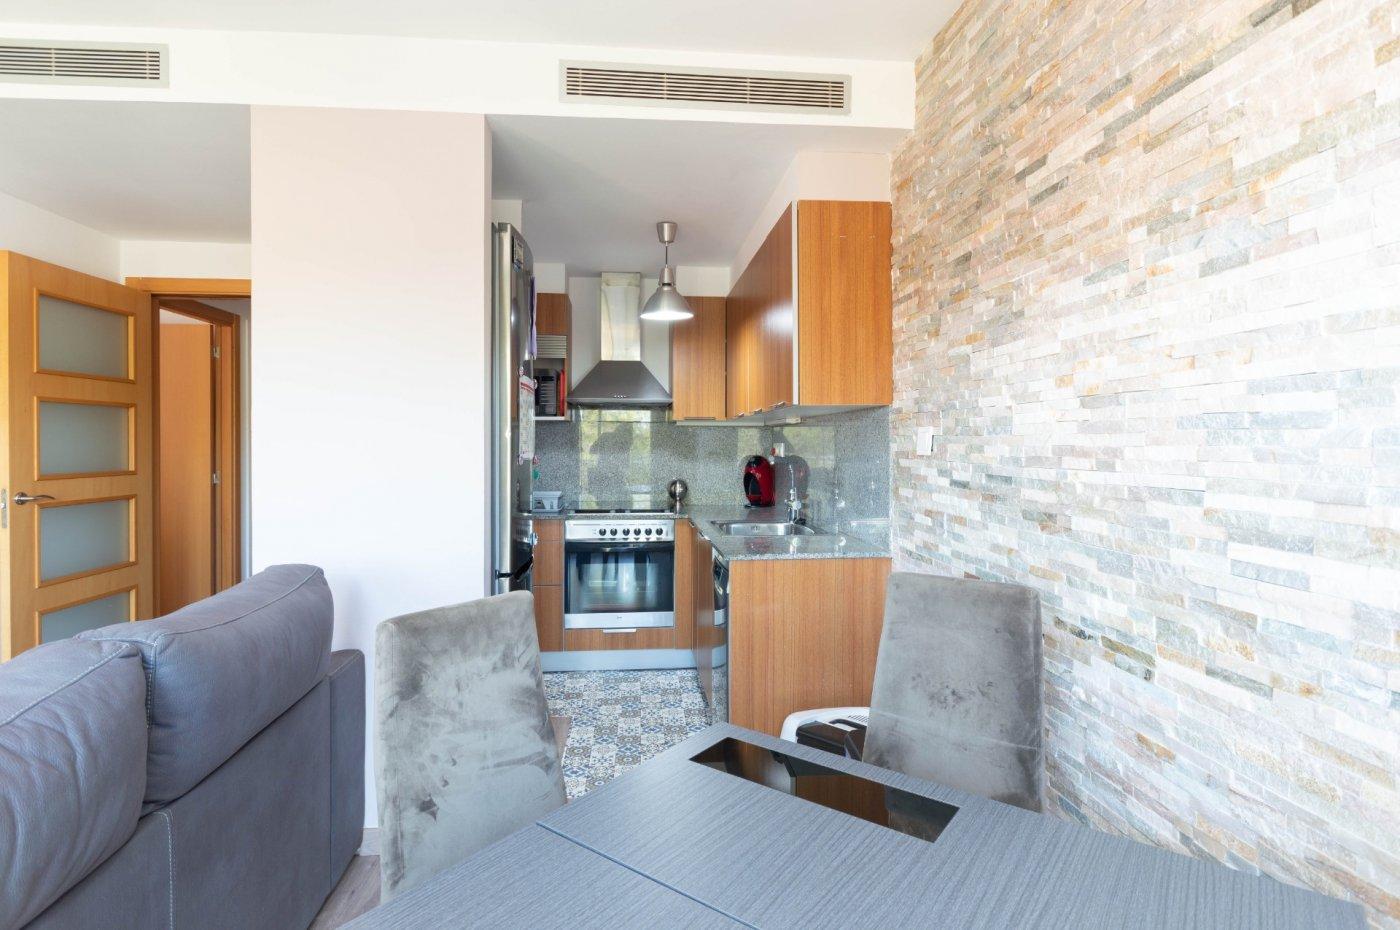 Piso de 50 m² en st. andreu de la b. zona raval de corbera. 2 hab., 1 baño, parking y tras - imagenInmueble6